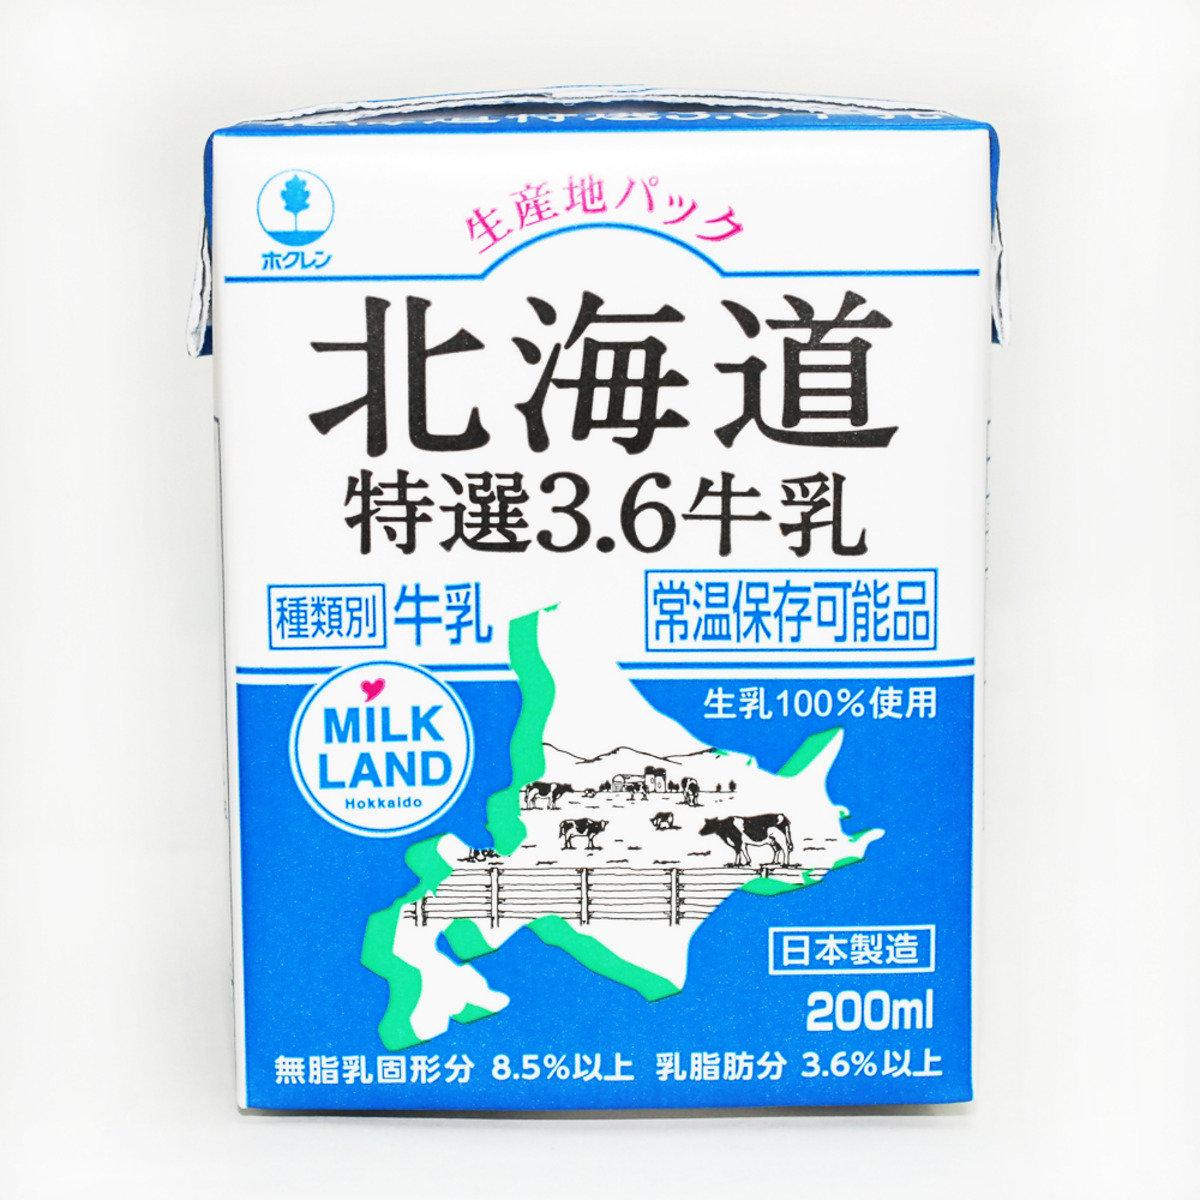 北海道特選3.6牛乳 200毫升